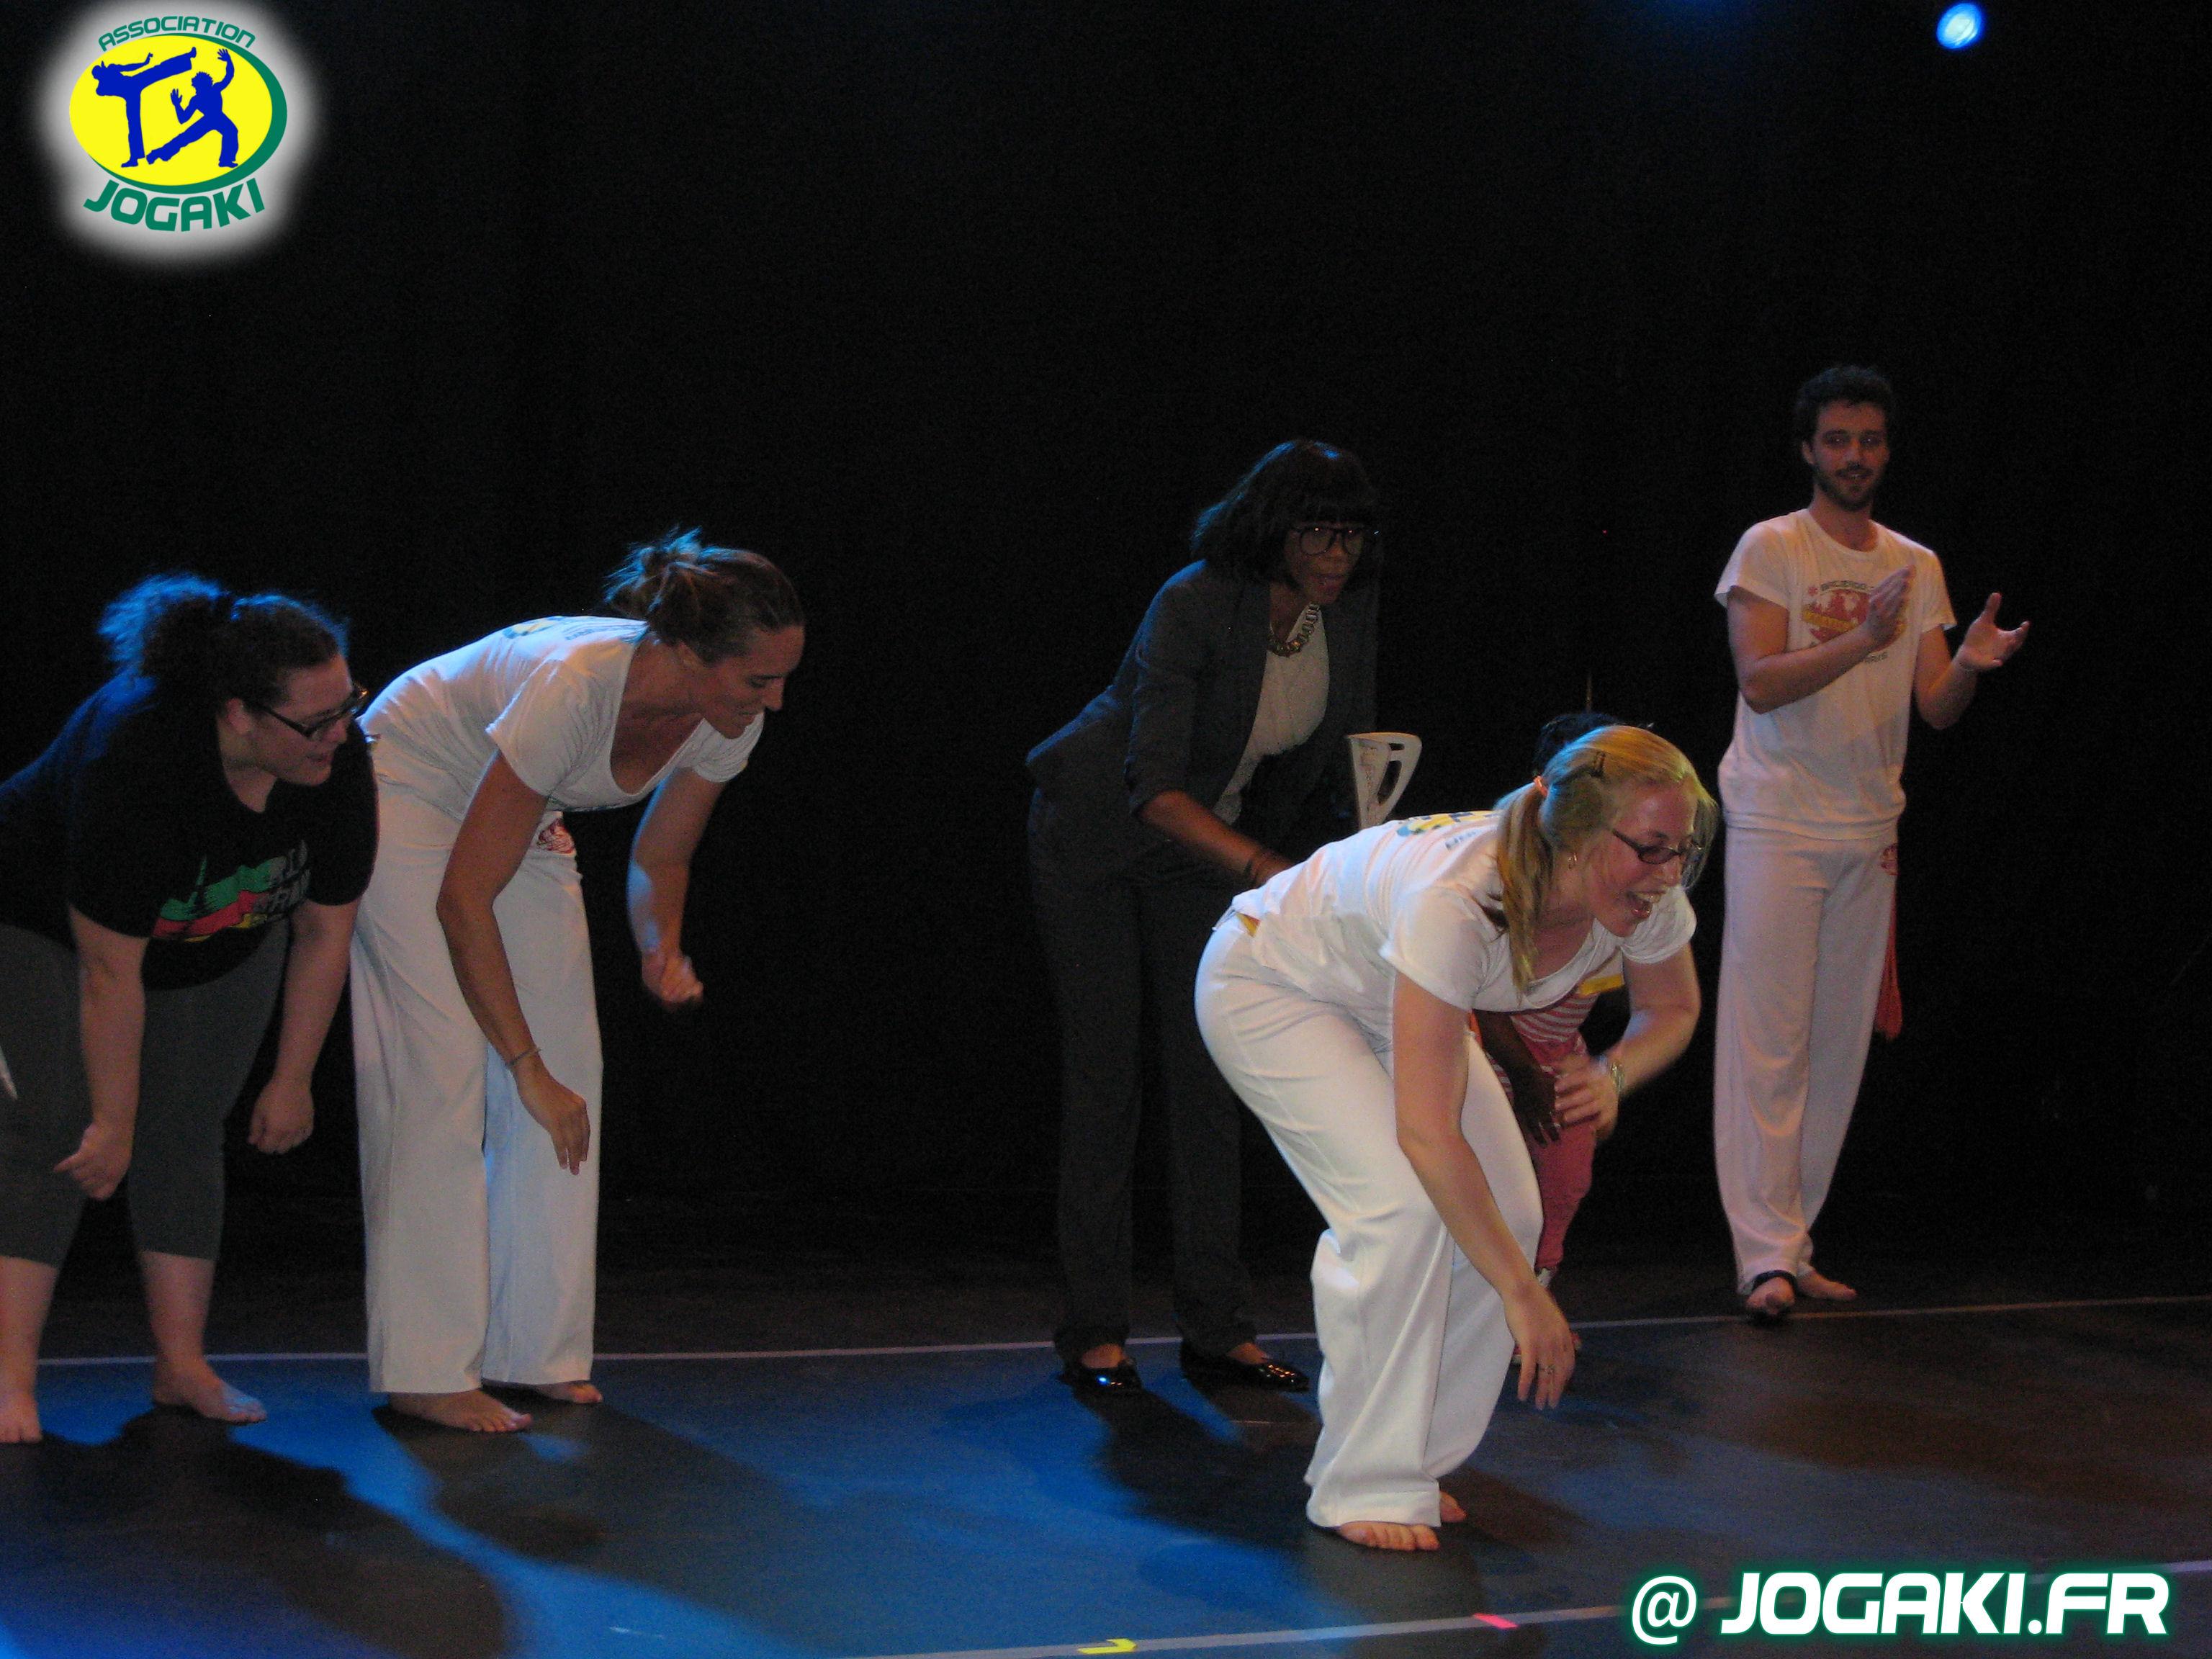 cours-de-capoeira-paris-365